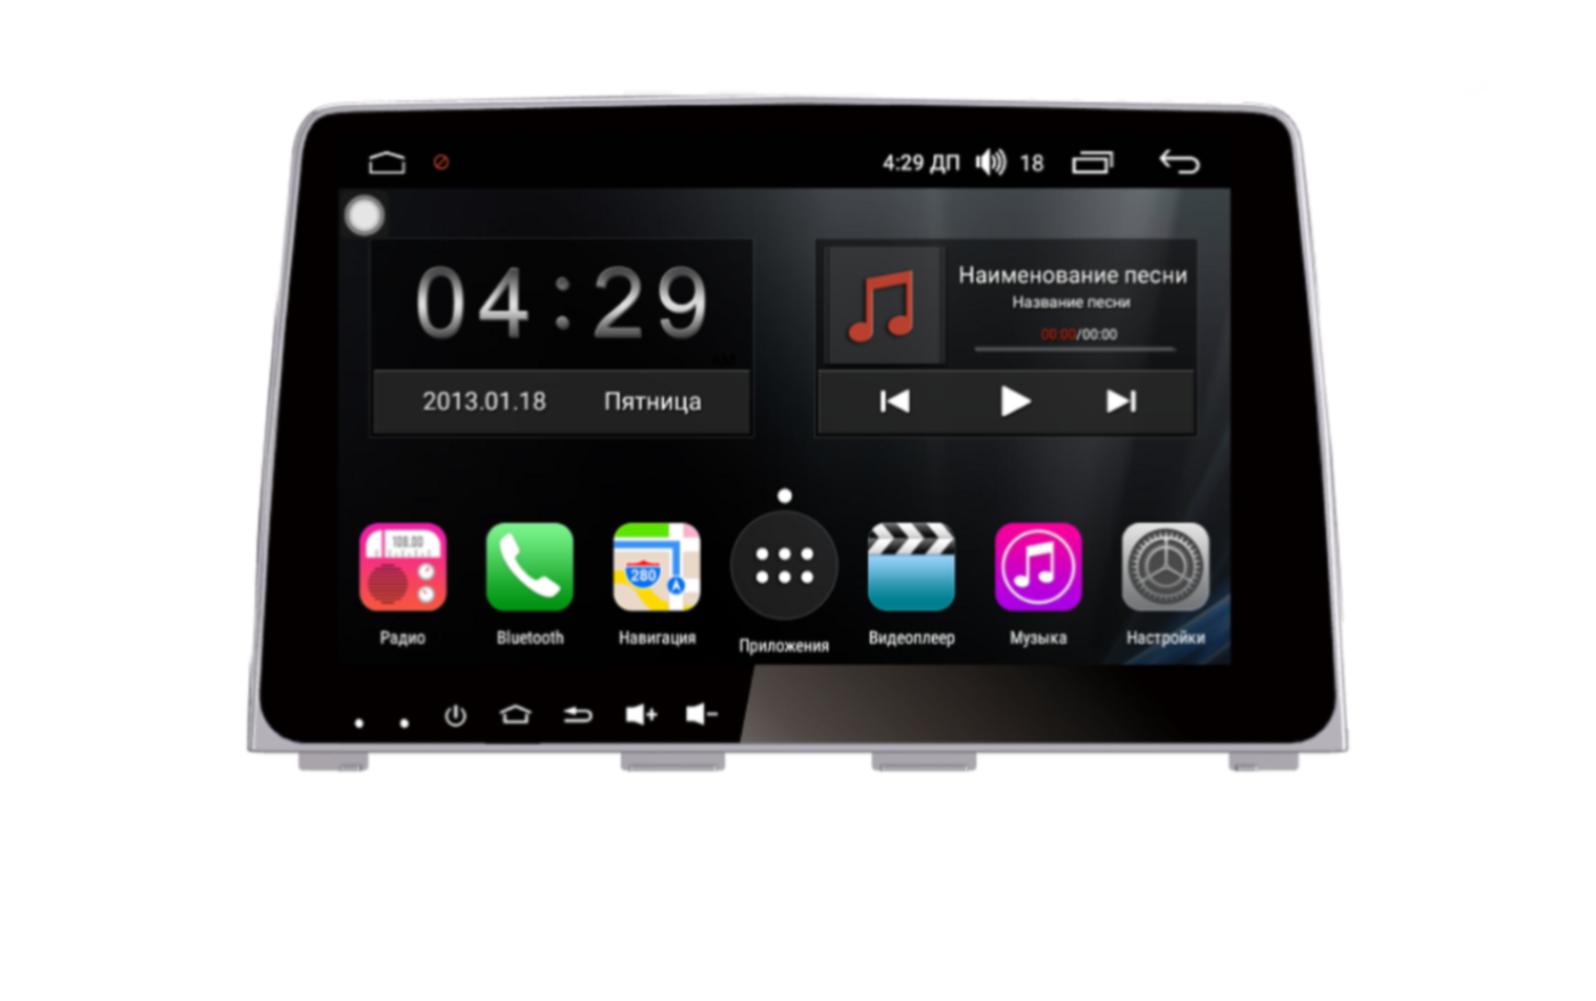 Штатная магнитола FarCar s200+ для Hyundai Sonata на Android (A1054) (+ Камера заднего вида в подарок!)